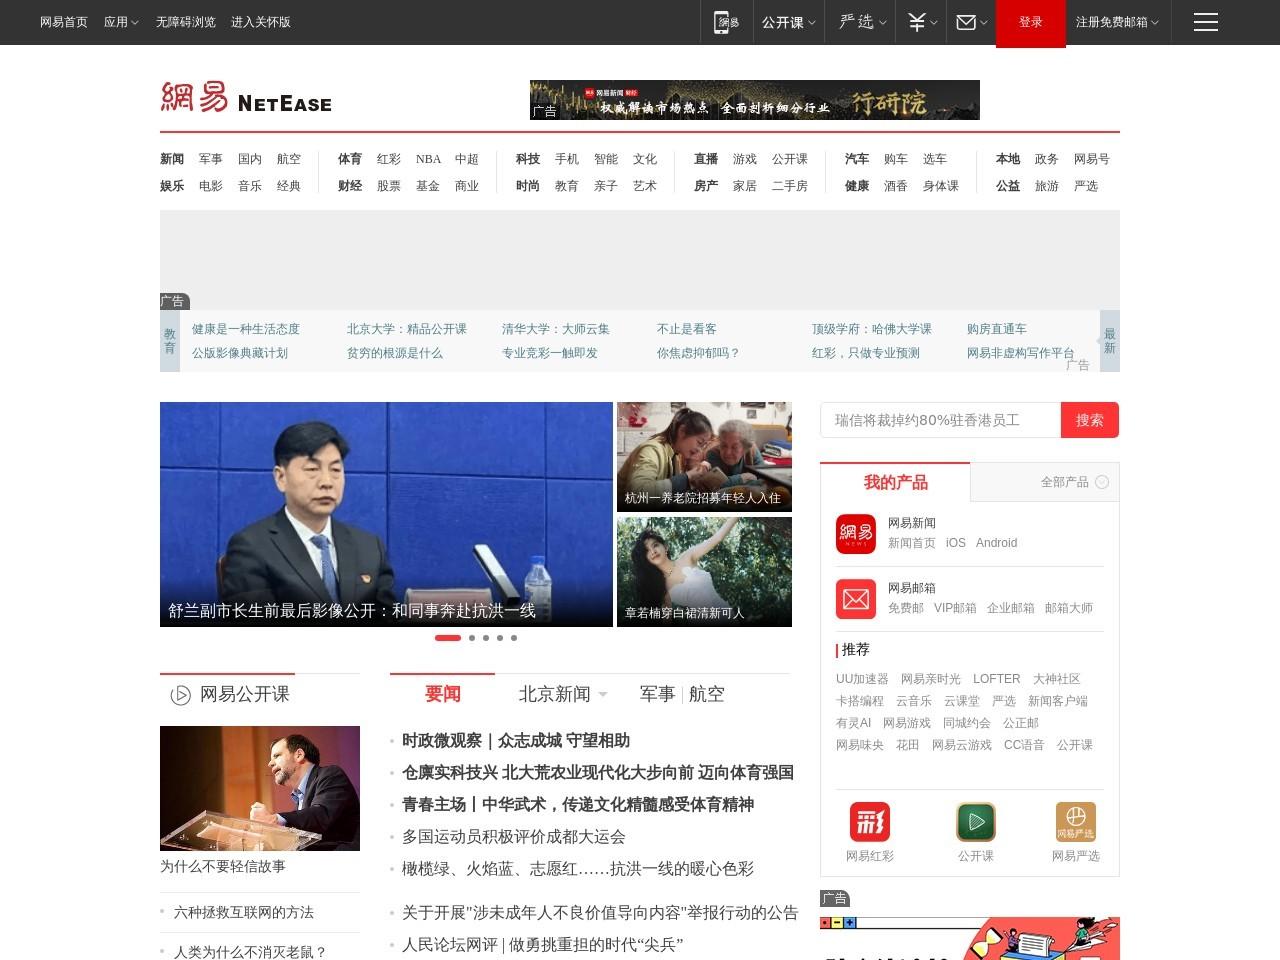 北京高招体检3月21日启动! 考试 招生 体检表_网易订阅